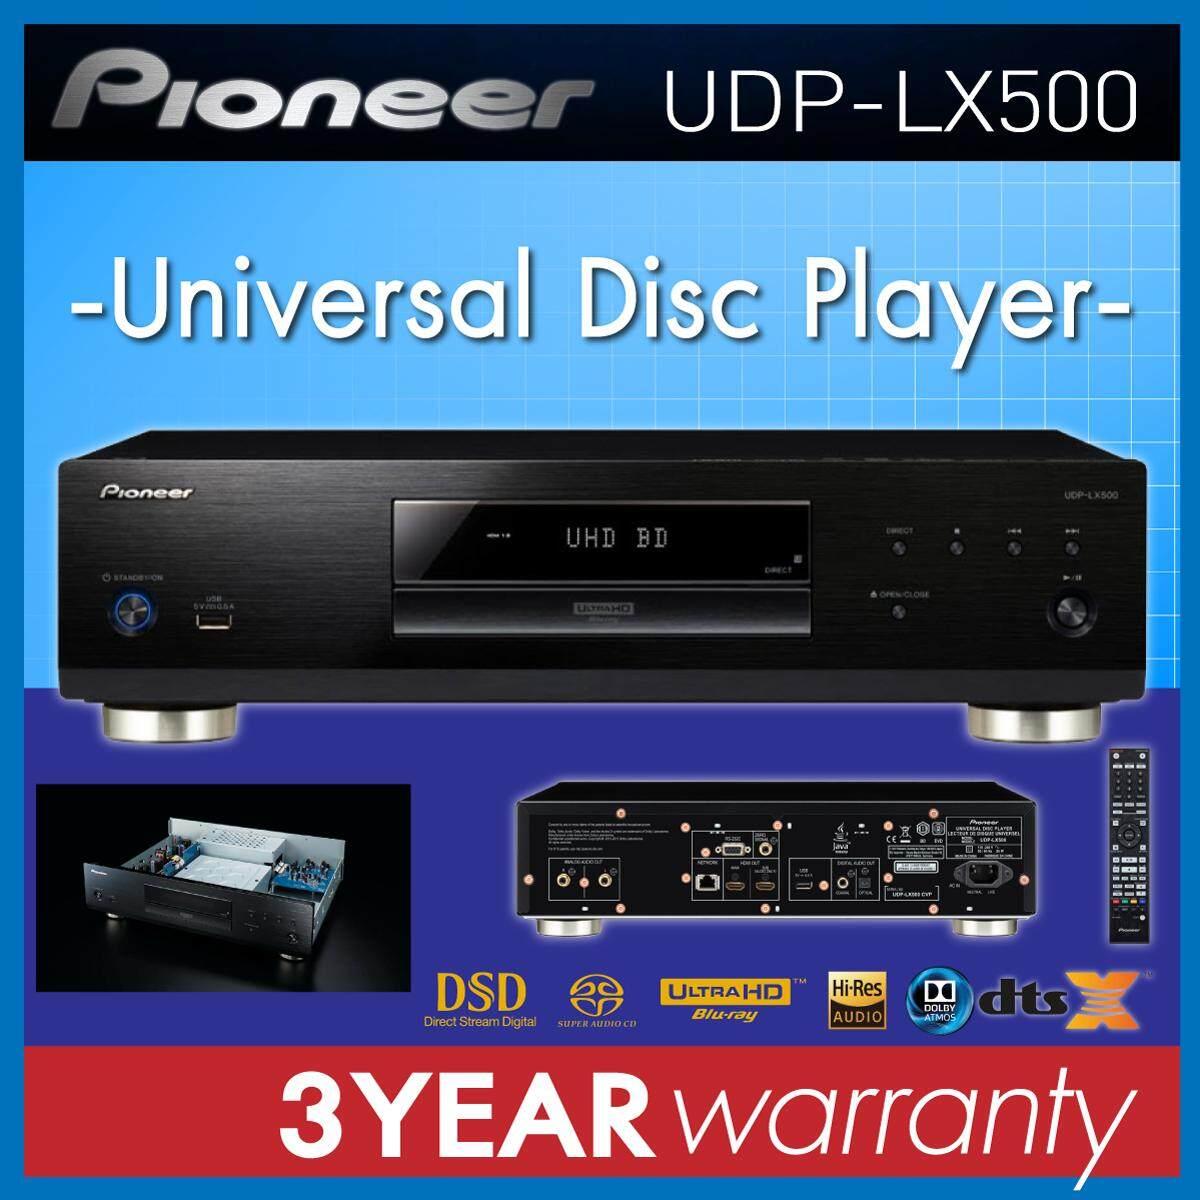 ยี่ห้อไหนดี  เชียงใหม่ PIONEER UDP LX500 เครื่องเล่น บูลเลย์ UNIVERSAL 4K HDR PLAYER รับประกัน 3 ปี ศูนย์ PowerBuy ไฟโอเนยร์ UDP-LX500 เครื่องศูนย์ไทย รับประกัน 3 ปีจากผู้นำเข้าอย่างเป็นทางการ